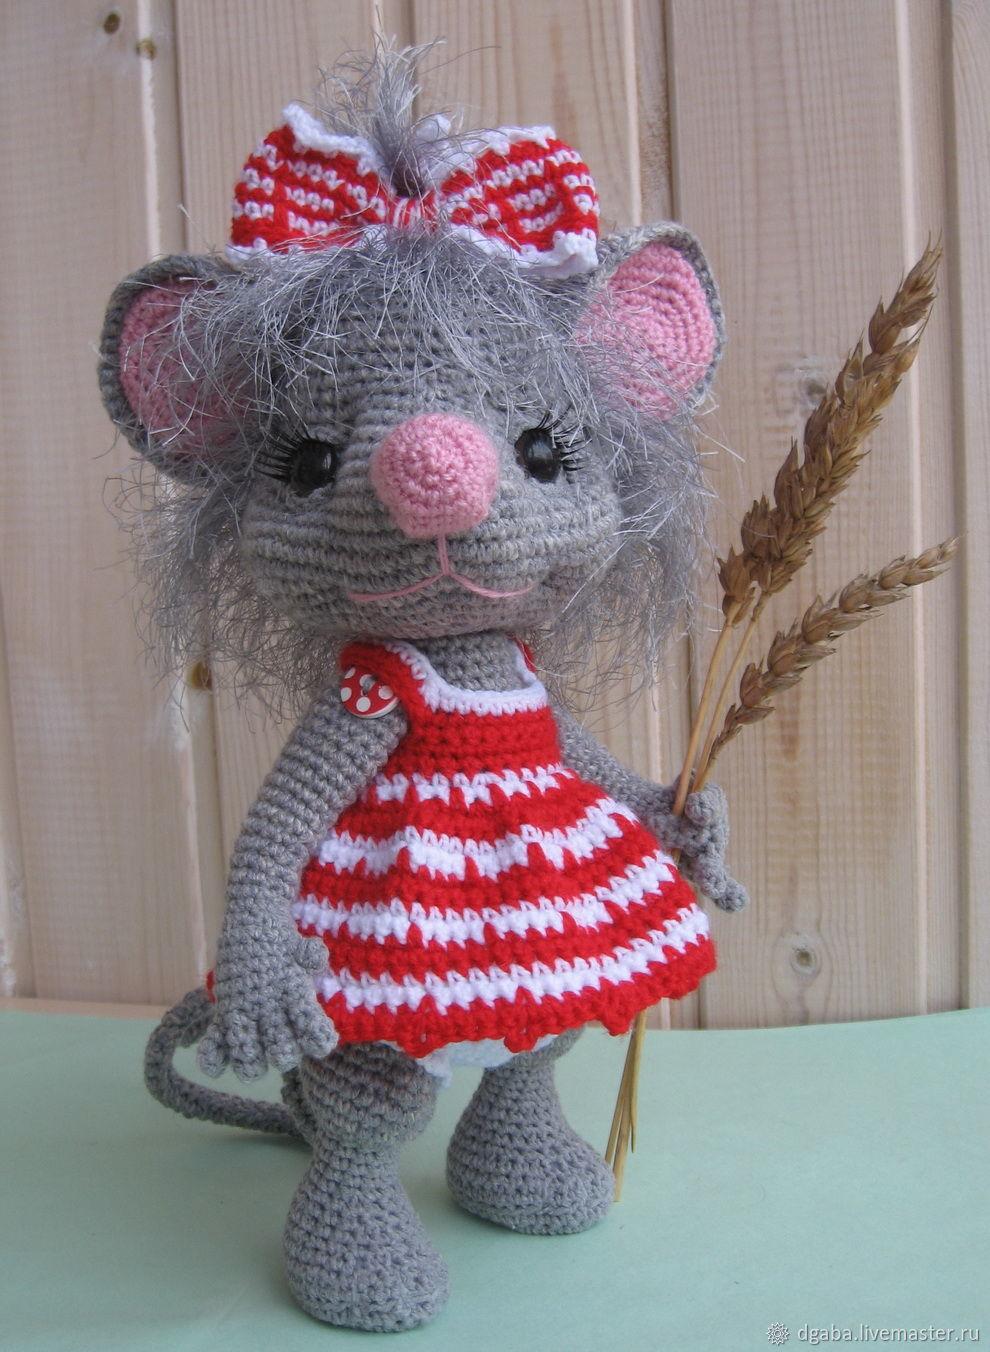 мастер класс мышка манюня вязание крючком купить в интернет